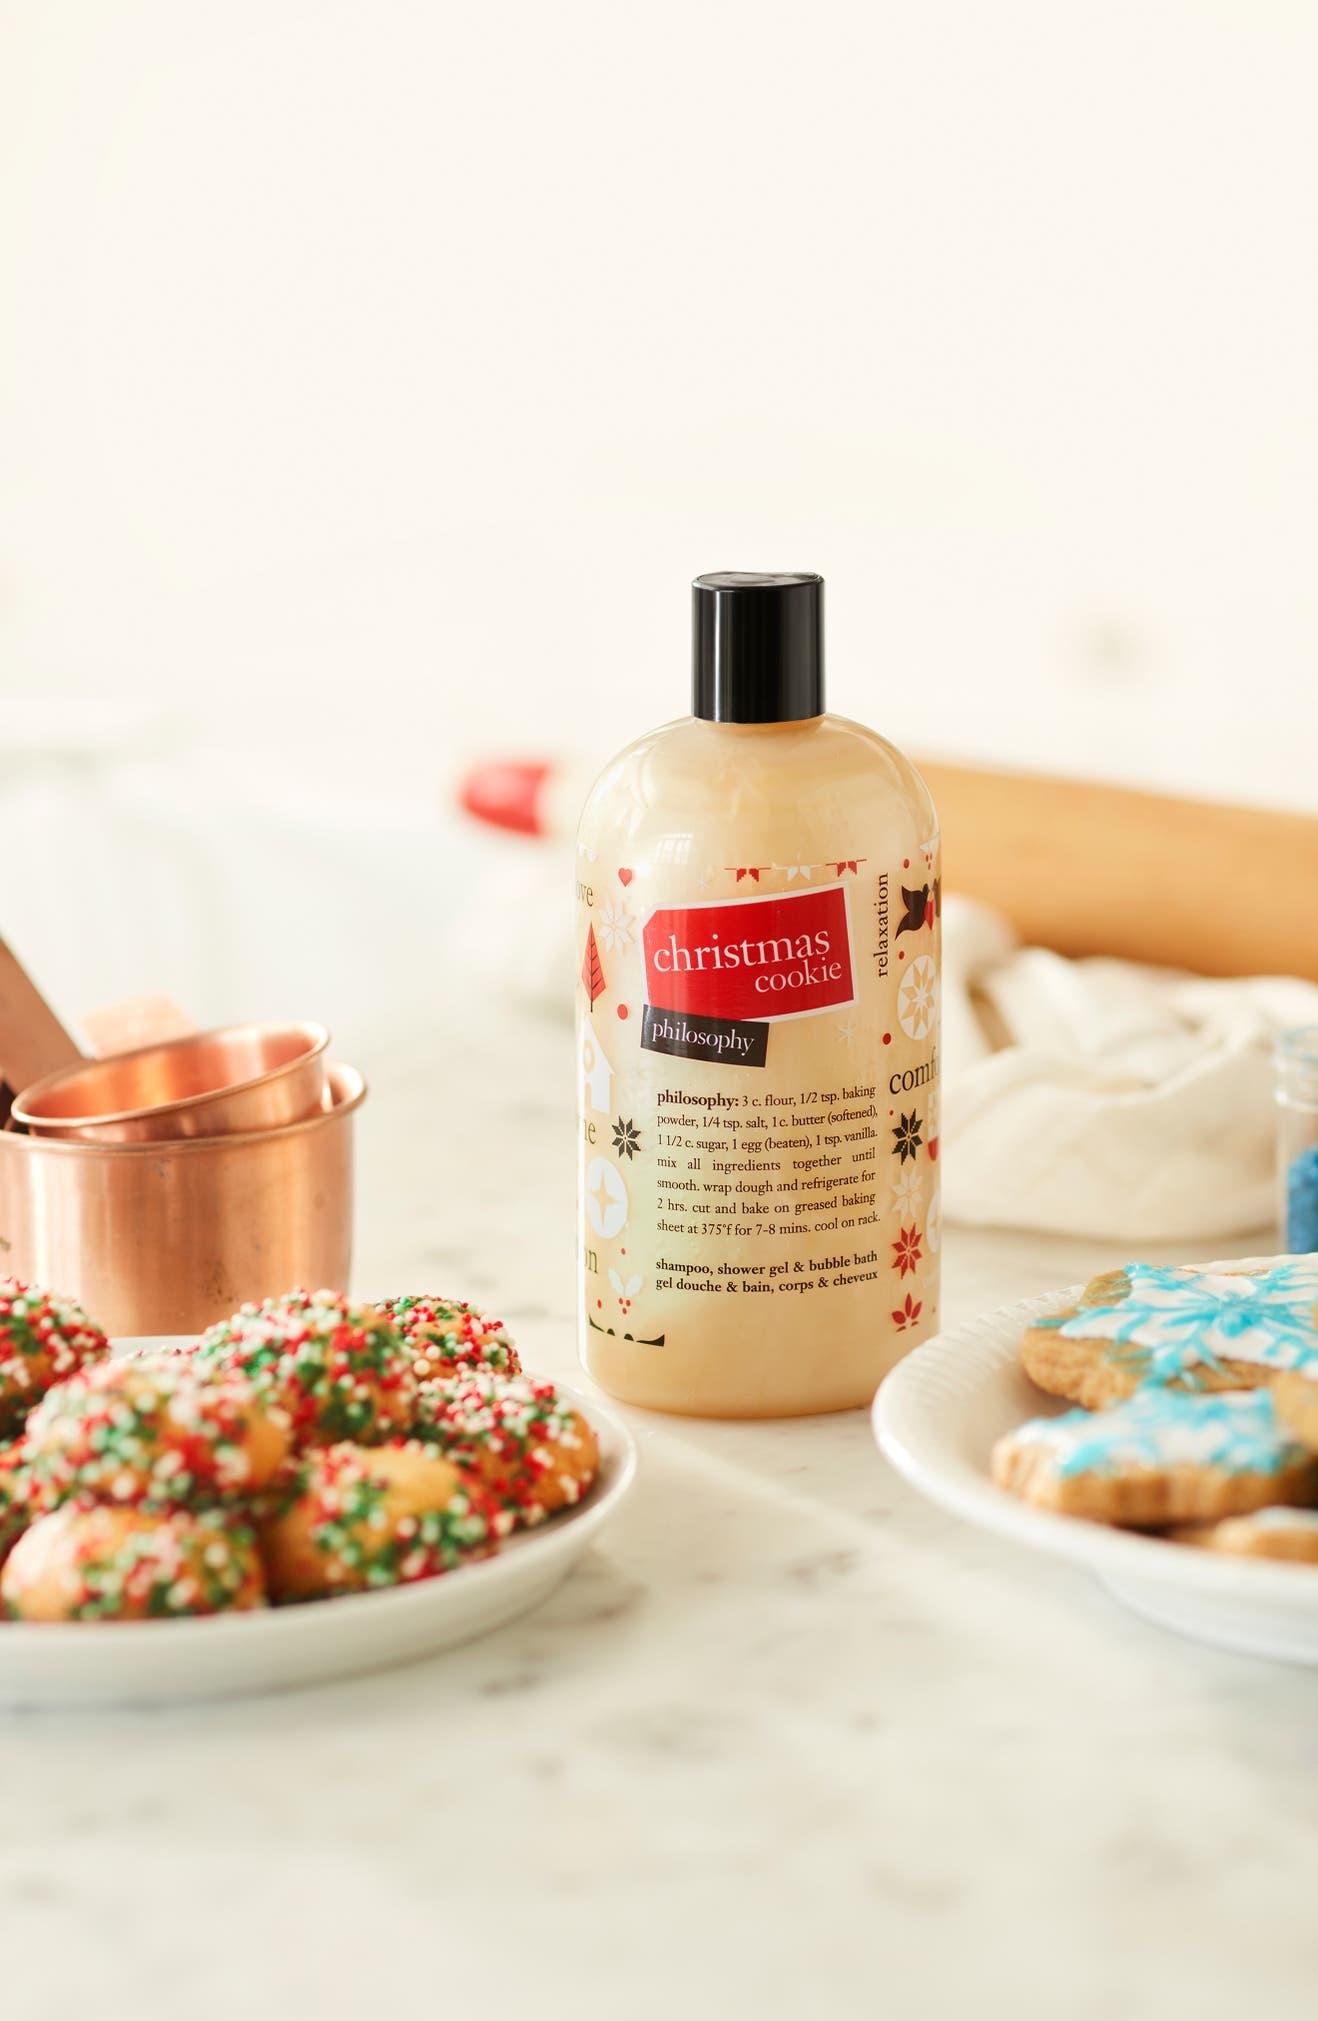 �ล�าร���หารู��า�สำหรั� Philosophy Christmas Cookie Shampoo, Shower Gel & Bubble Bath